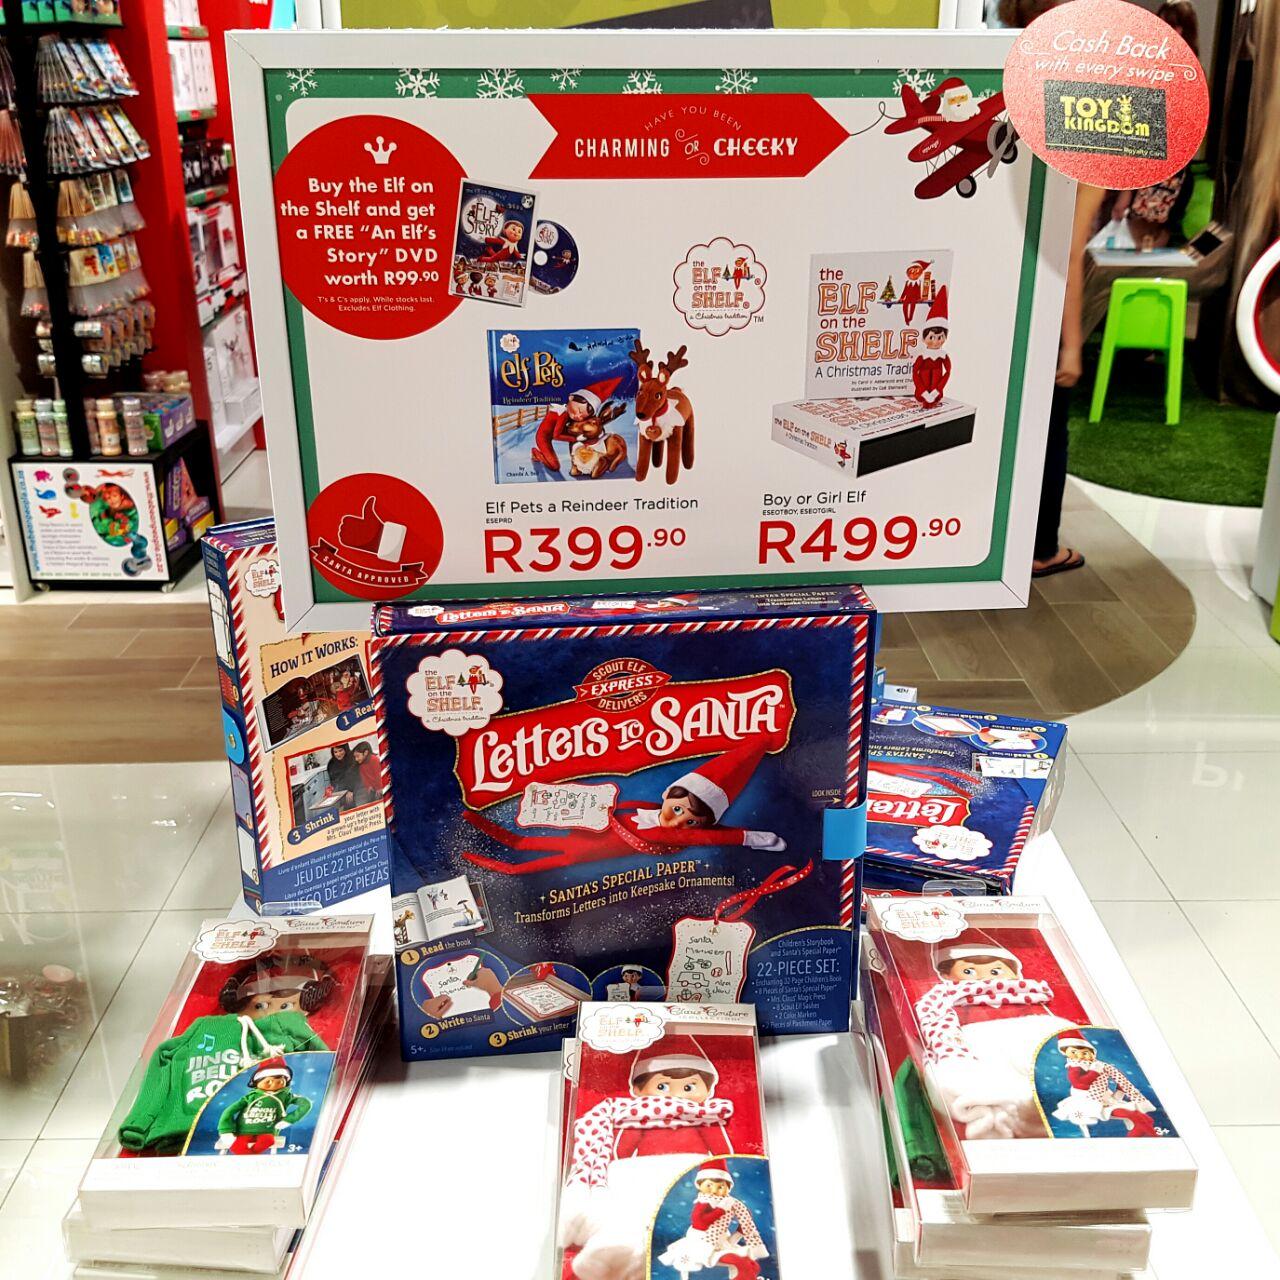 Toy Kingdom Elf on the shelf